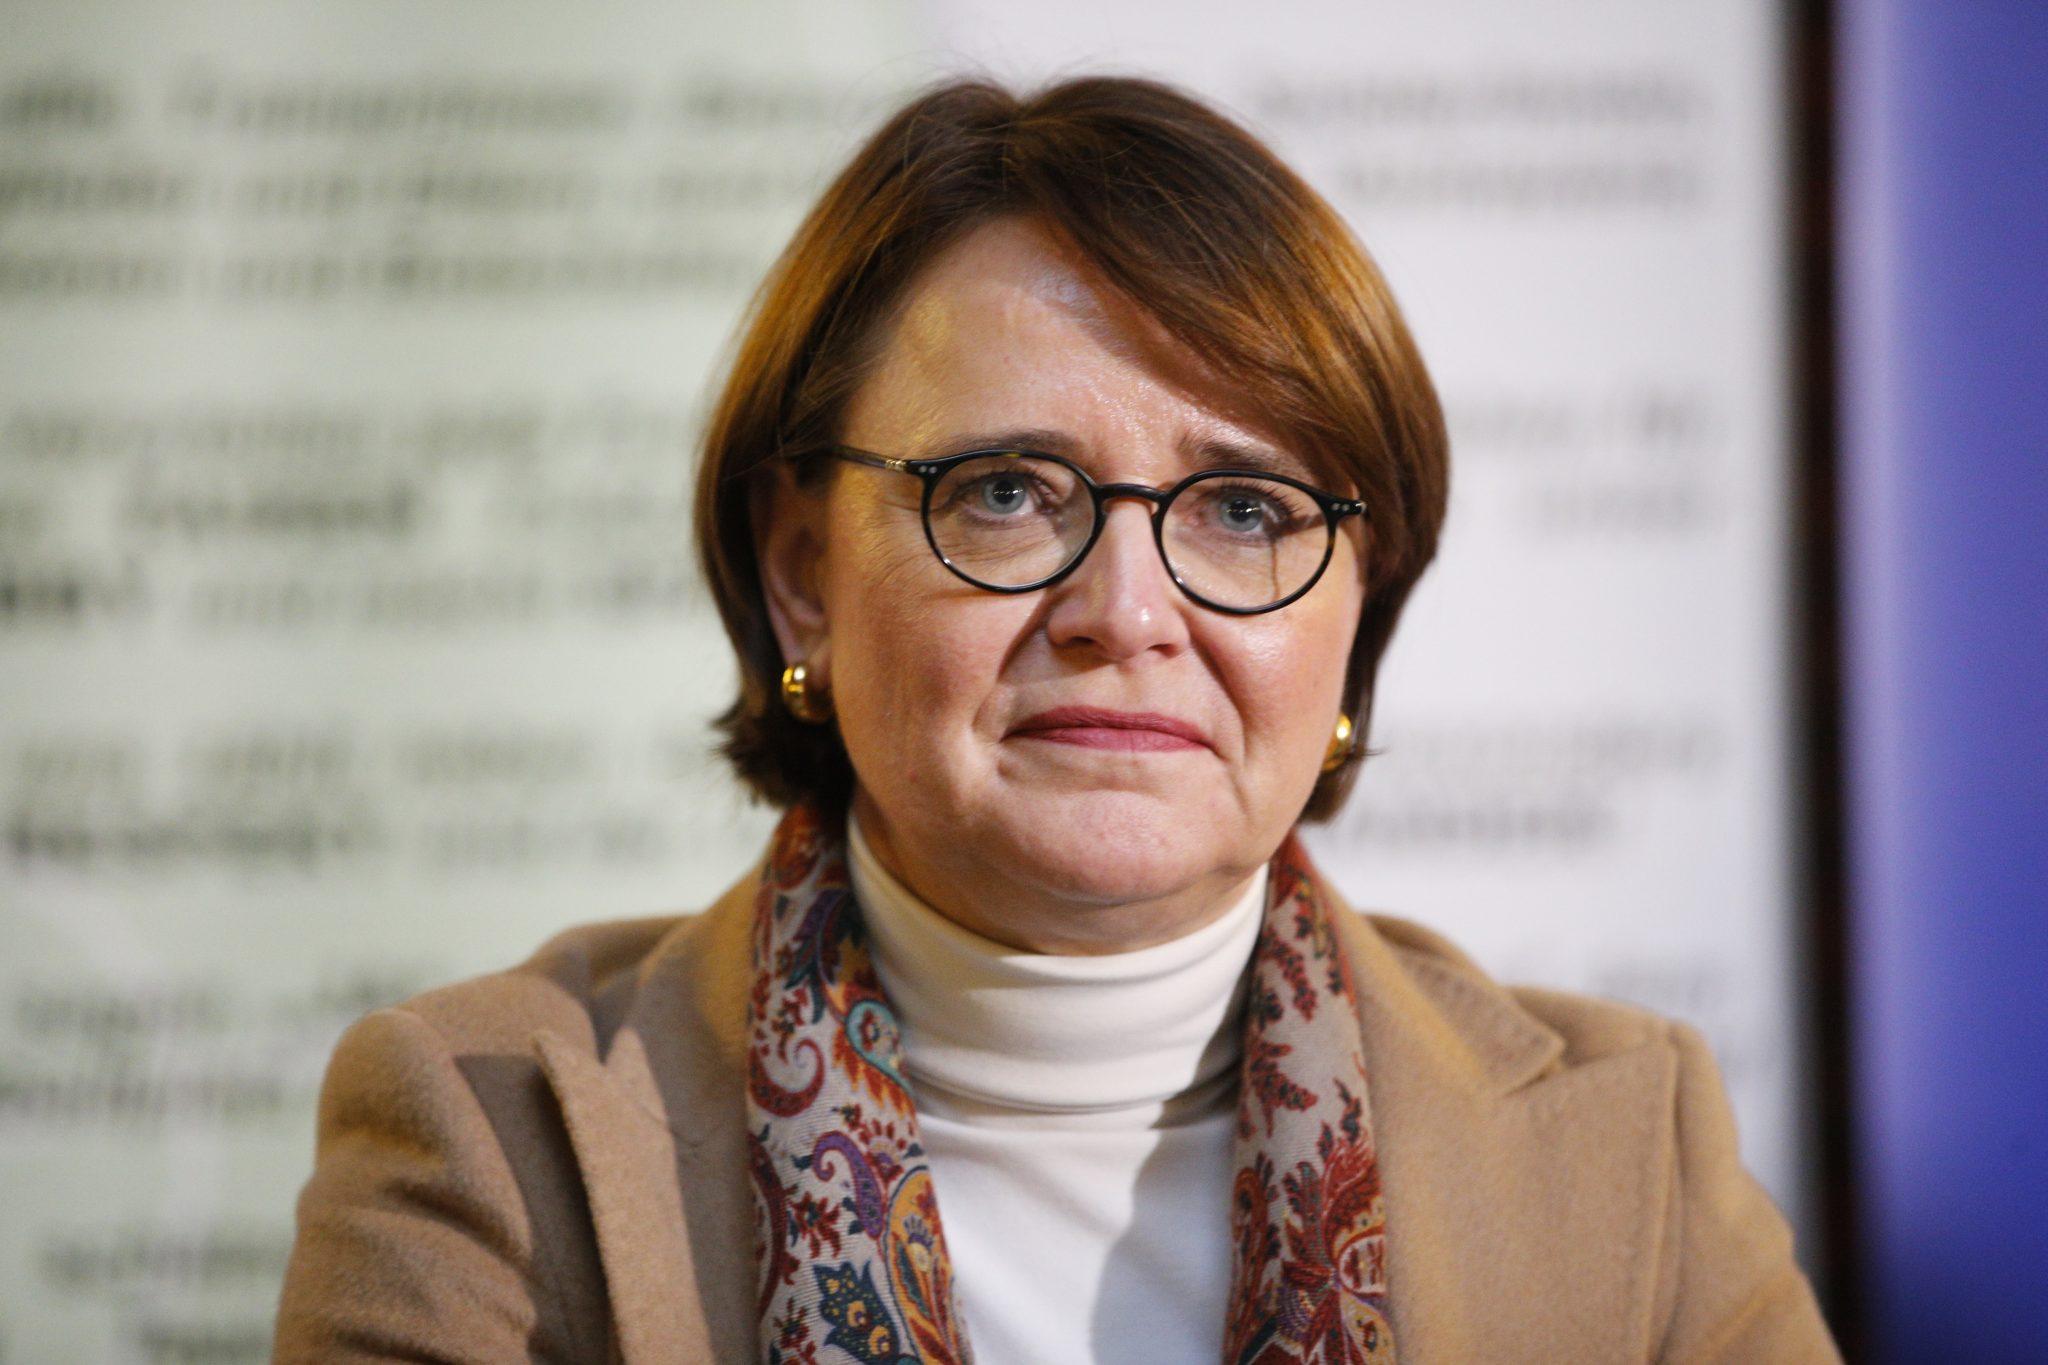 Annette Widmann-Mauz (CDU)